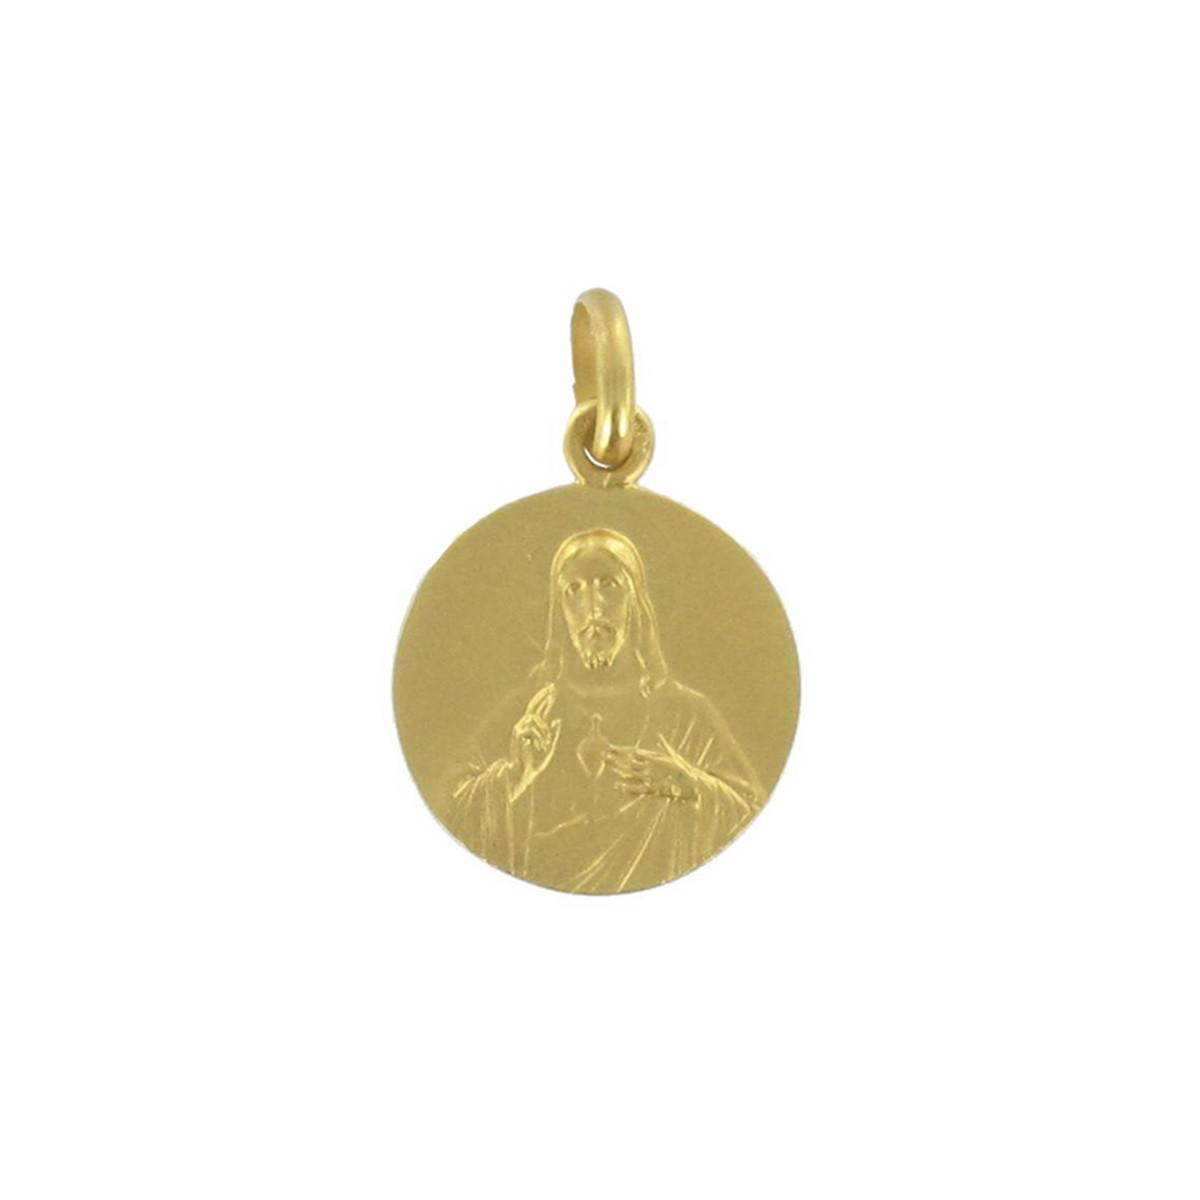 GOLD SCAPULAR 18 MM 2.95 GR